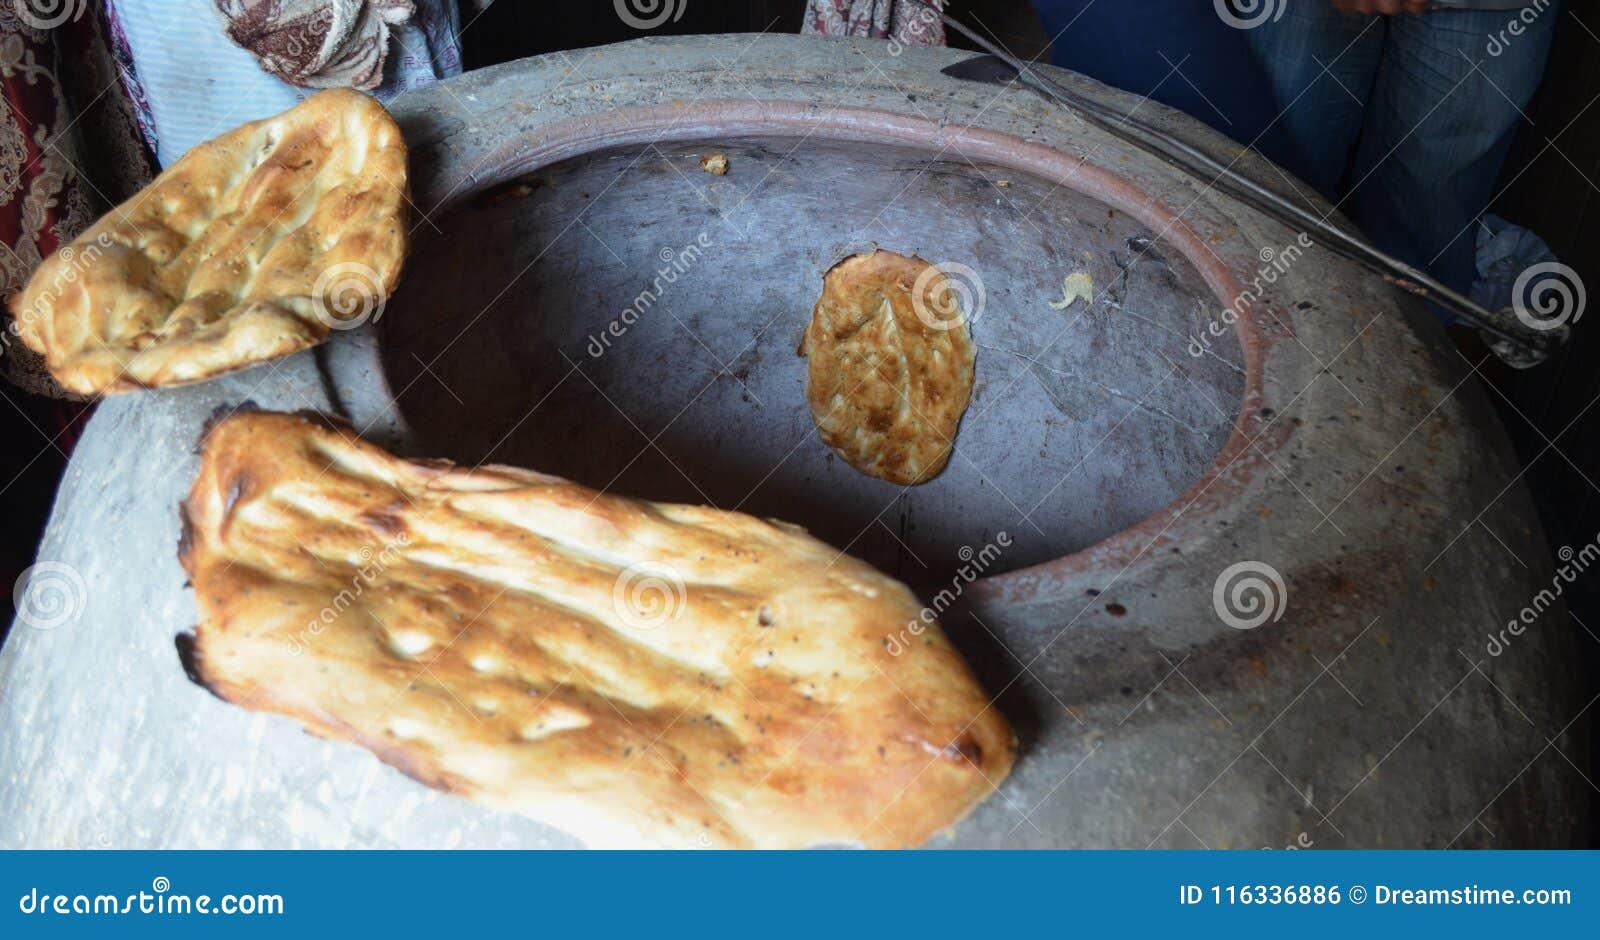 Παραδοσιακός τρόπος του Αζερμπαϊτζάν του ψωμιού ψησίματος lavash σε έναν φούρνο